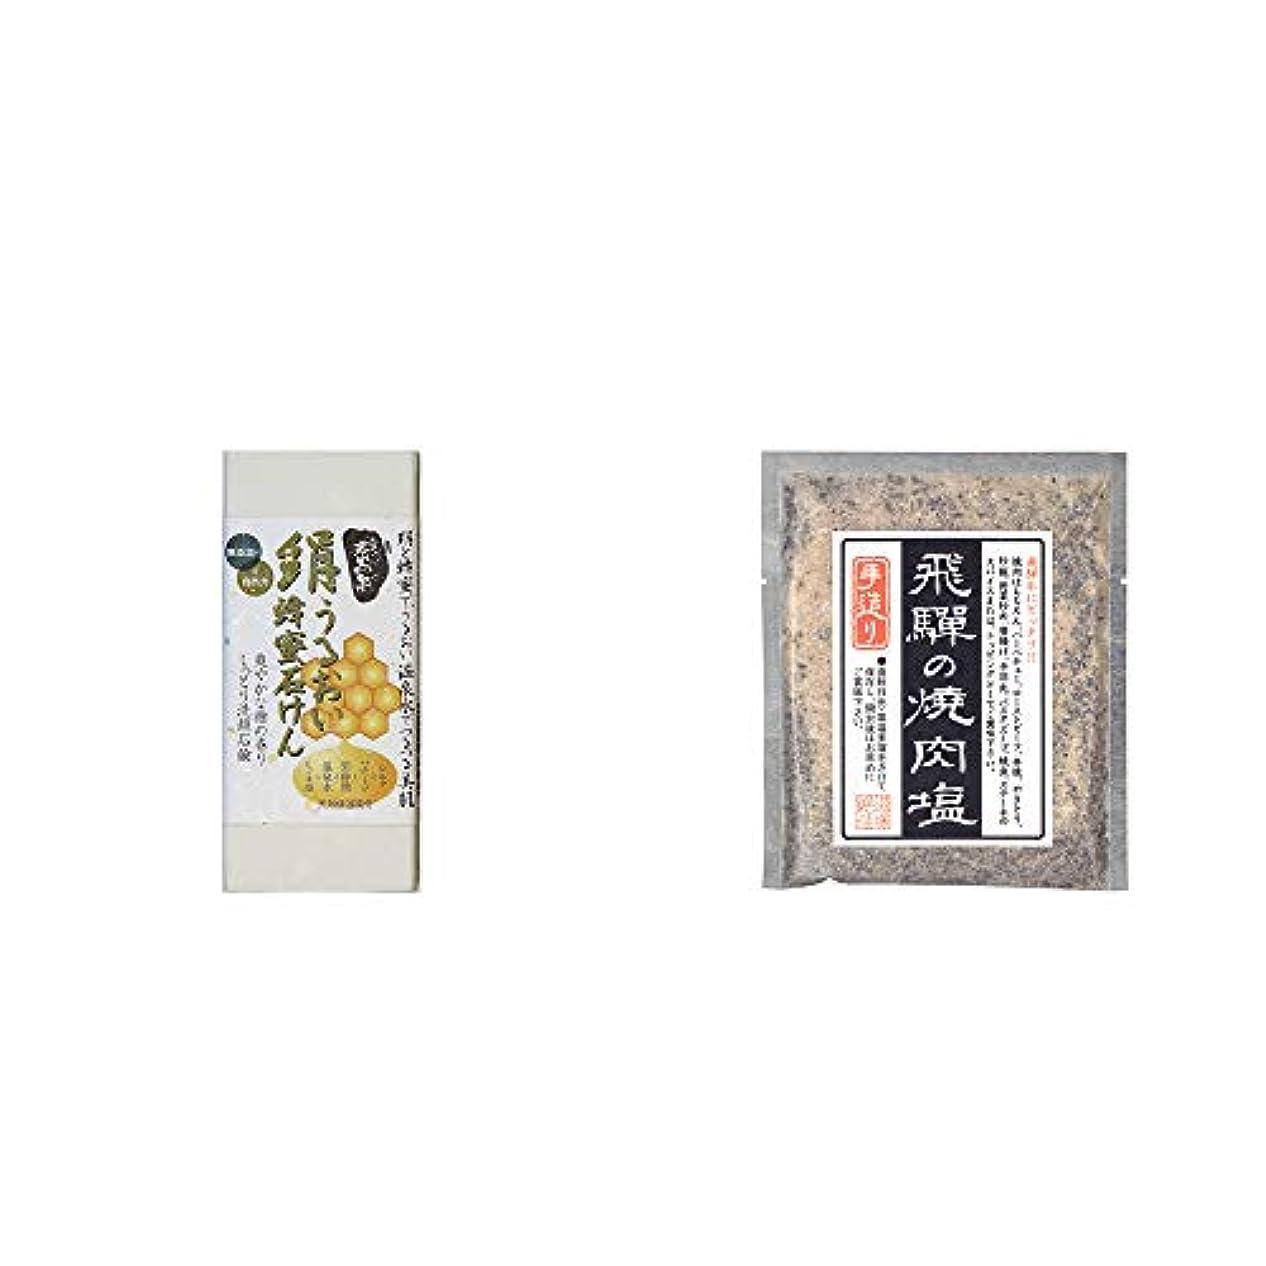 検索居心地の良い暴露する[2点セット] ひのき炭黒泉 絹うるおい蜂蜜石けん(75g×2)?手造り 飛騨の焼肉塩(80g)